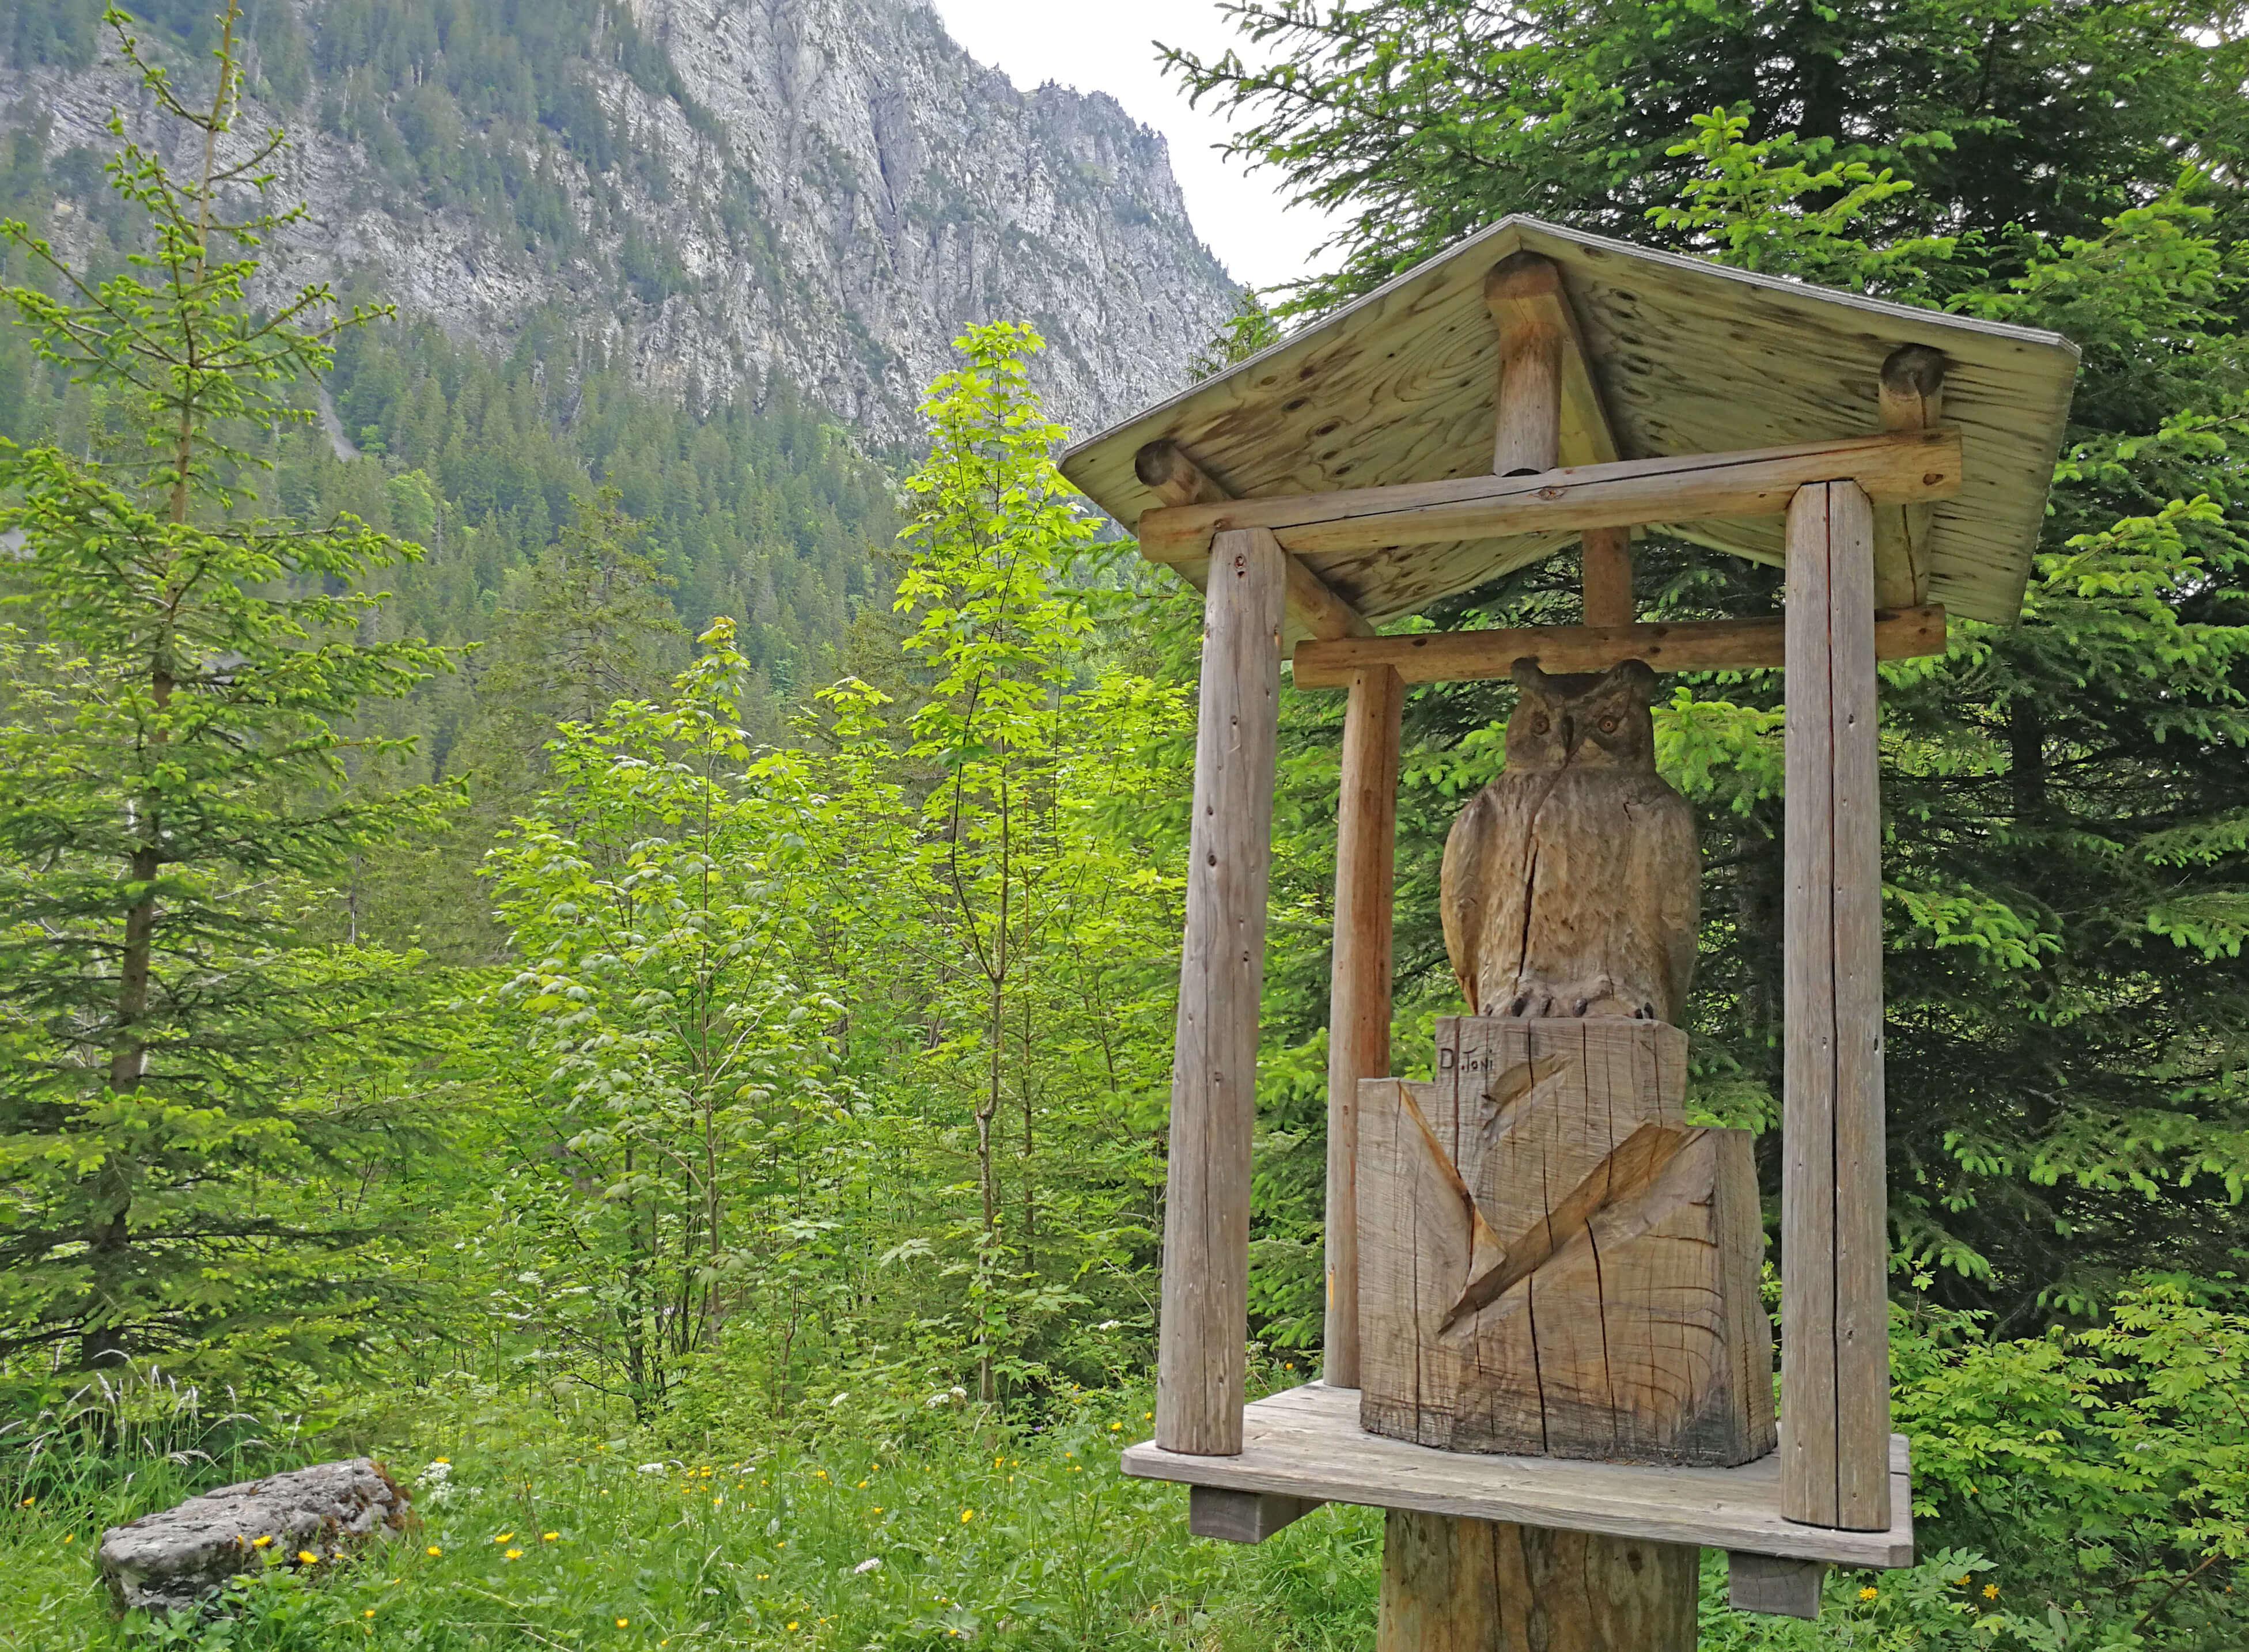 Lustige Holzschnitzereien auf dem Grimmimutz Erlebnisweg